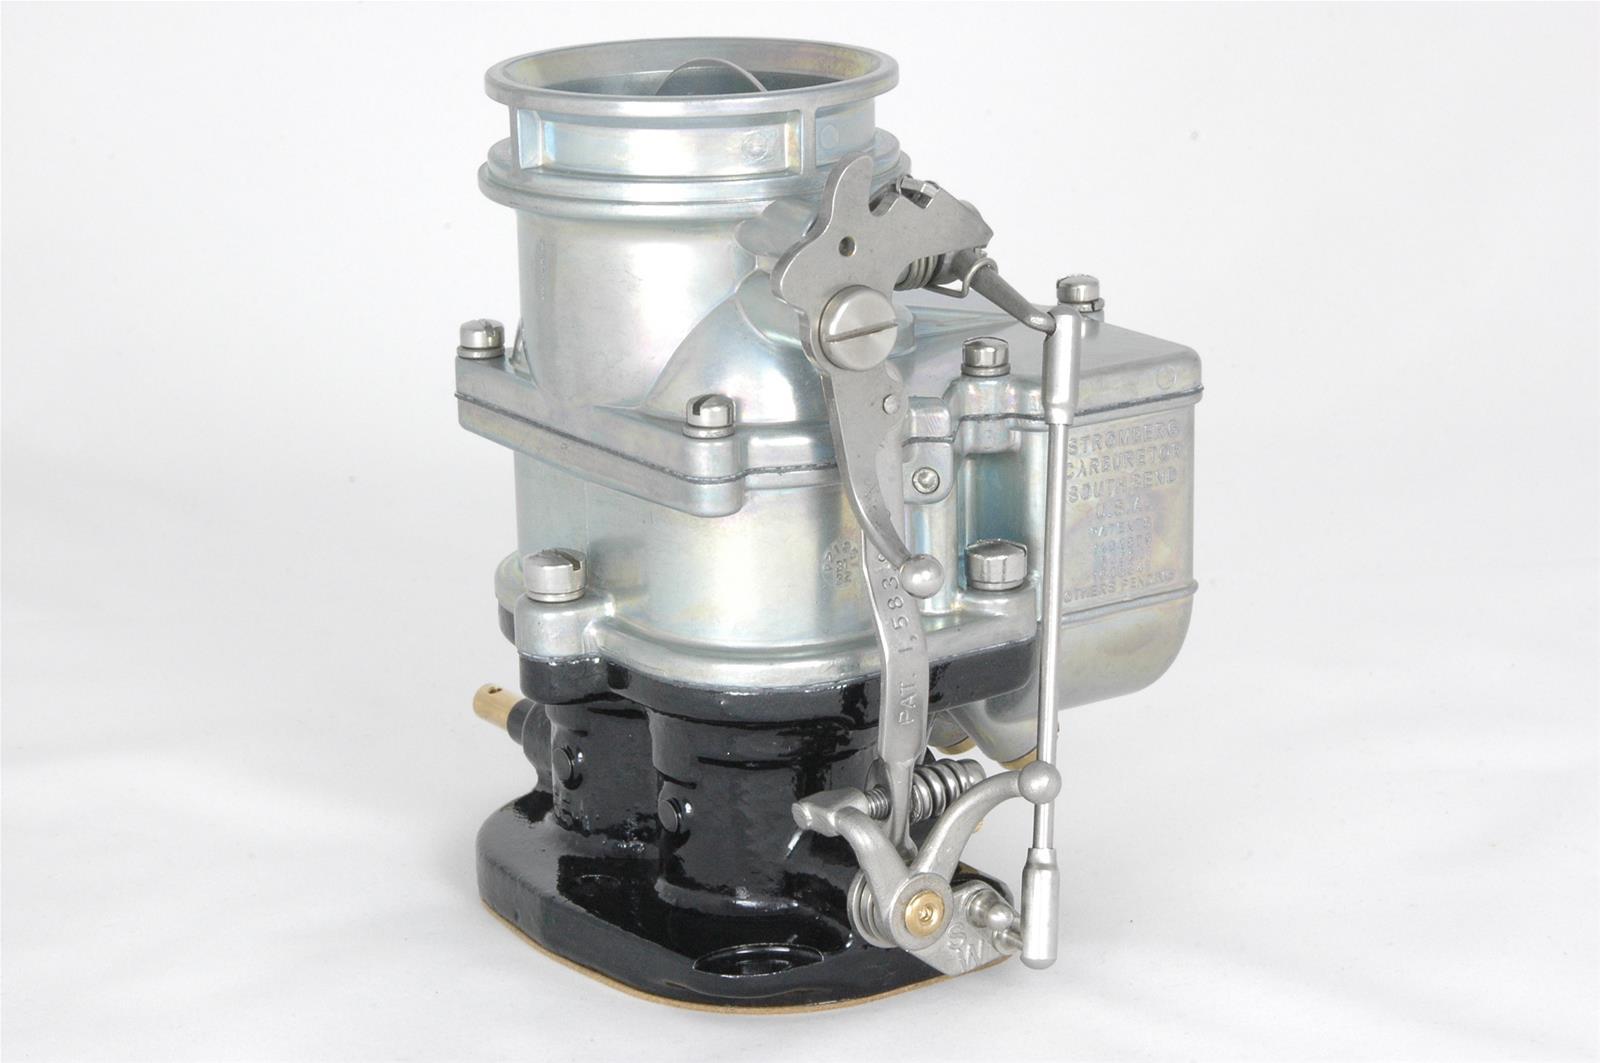 Stromberg BIG97 Carburetors 9510A-BIG-P